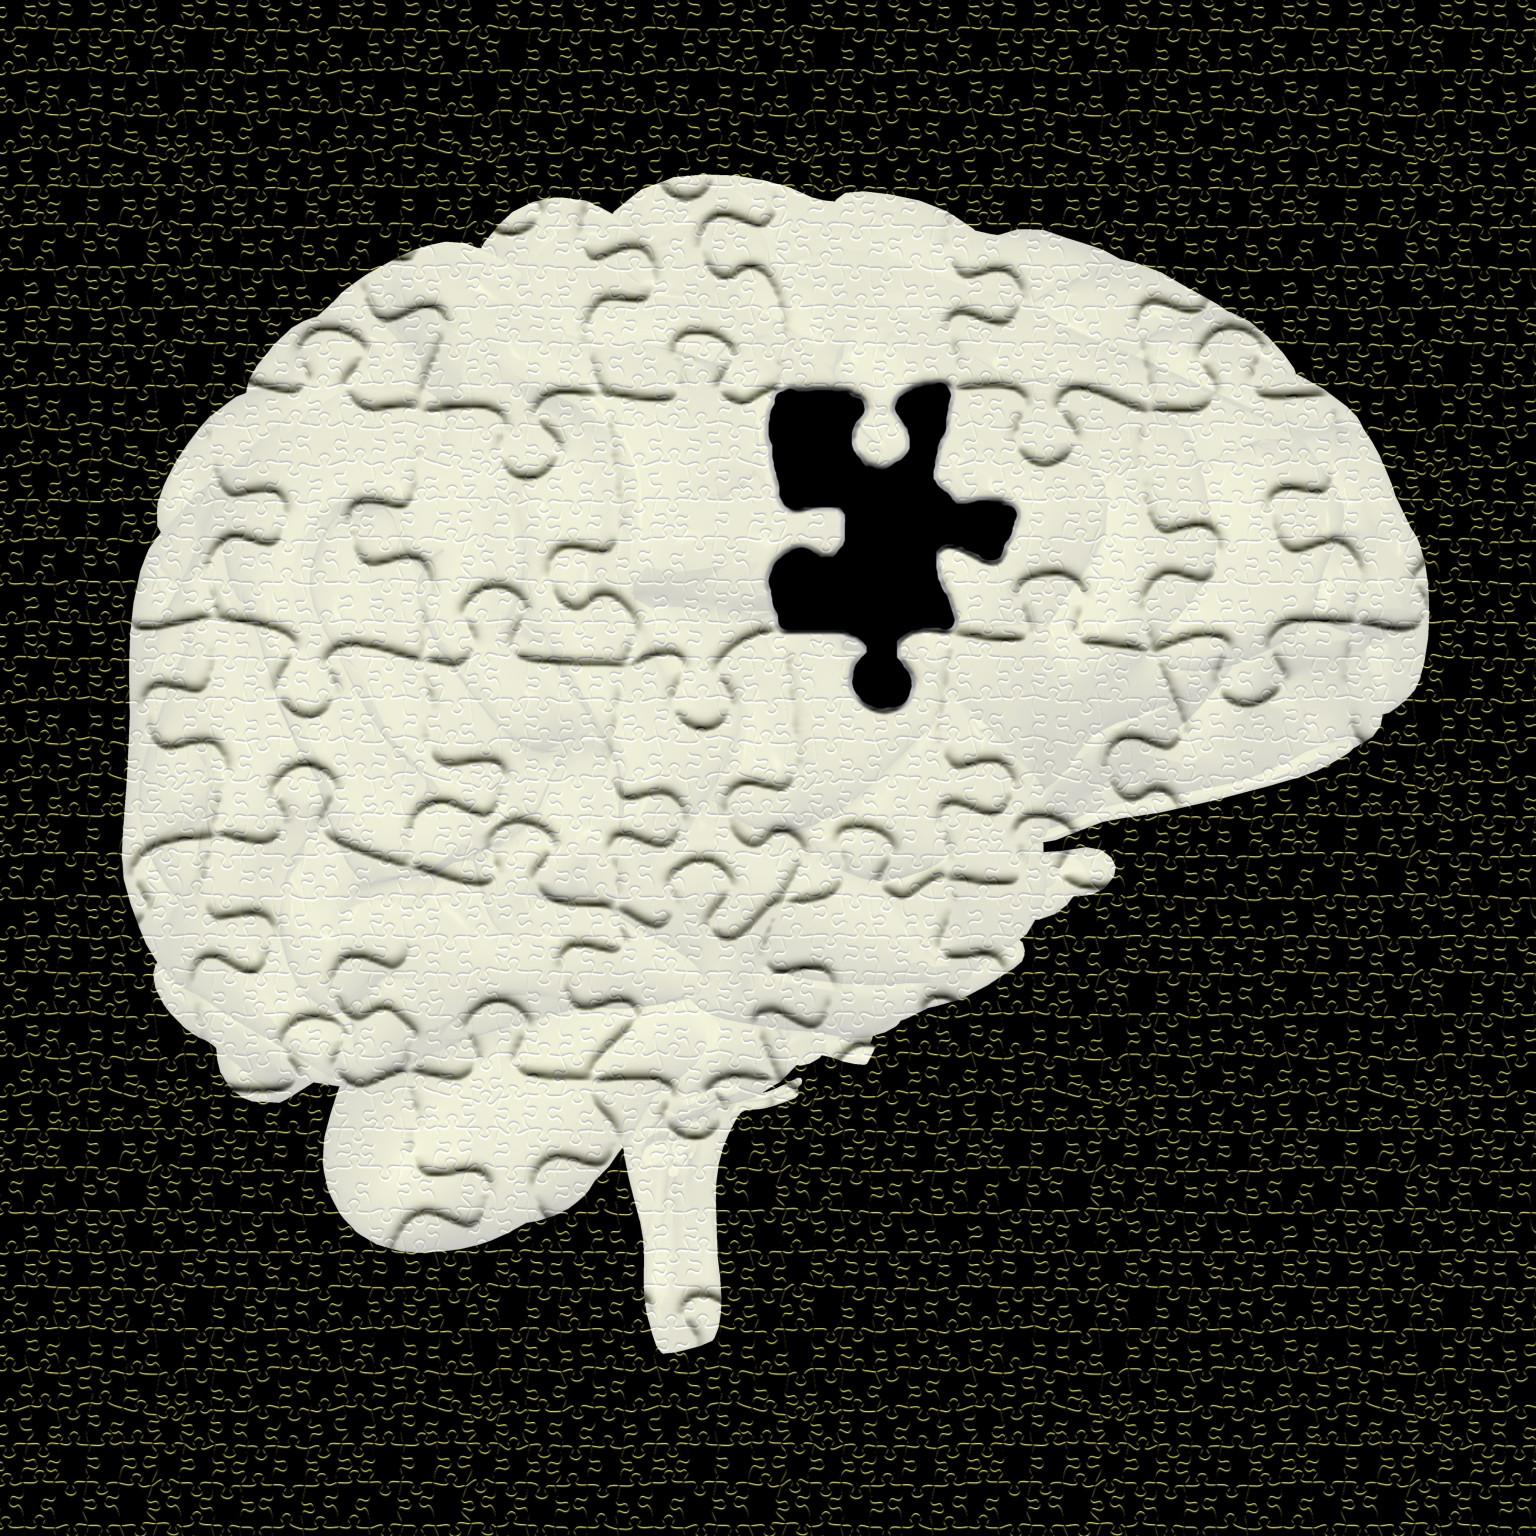 Νέα μέθοδος εγκεφαλικής διάγνωσης του αυτισμού